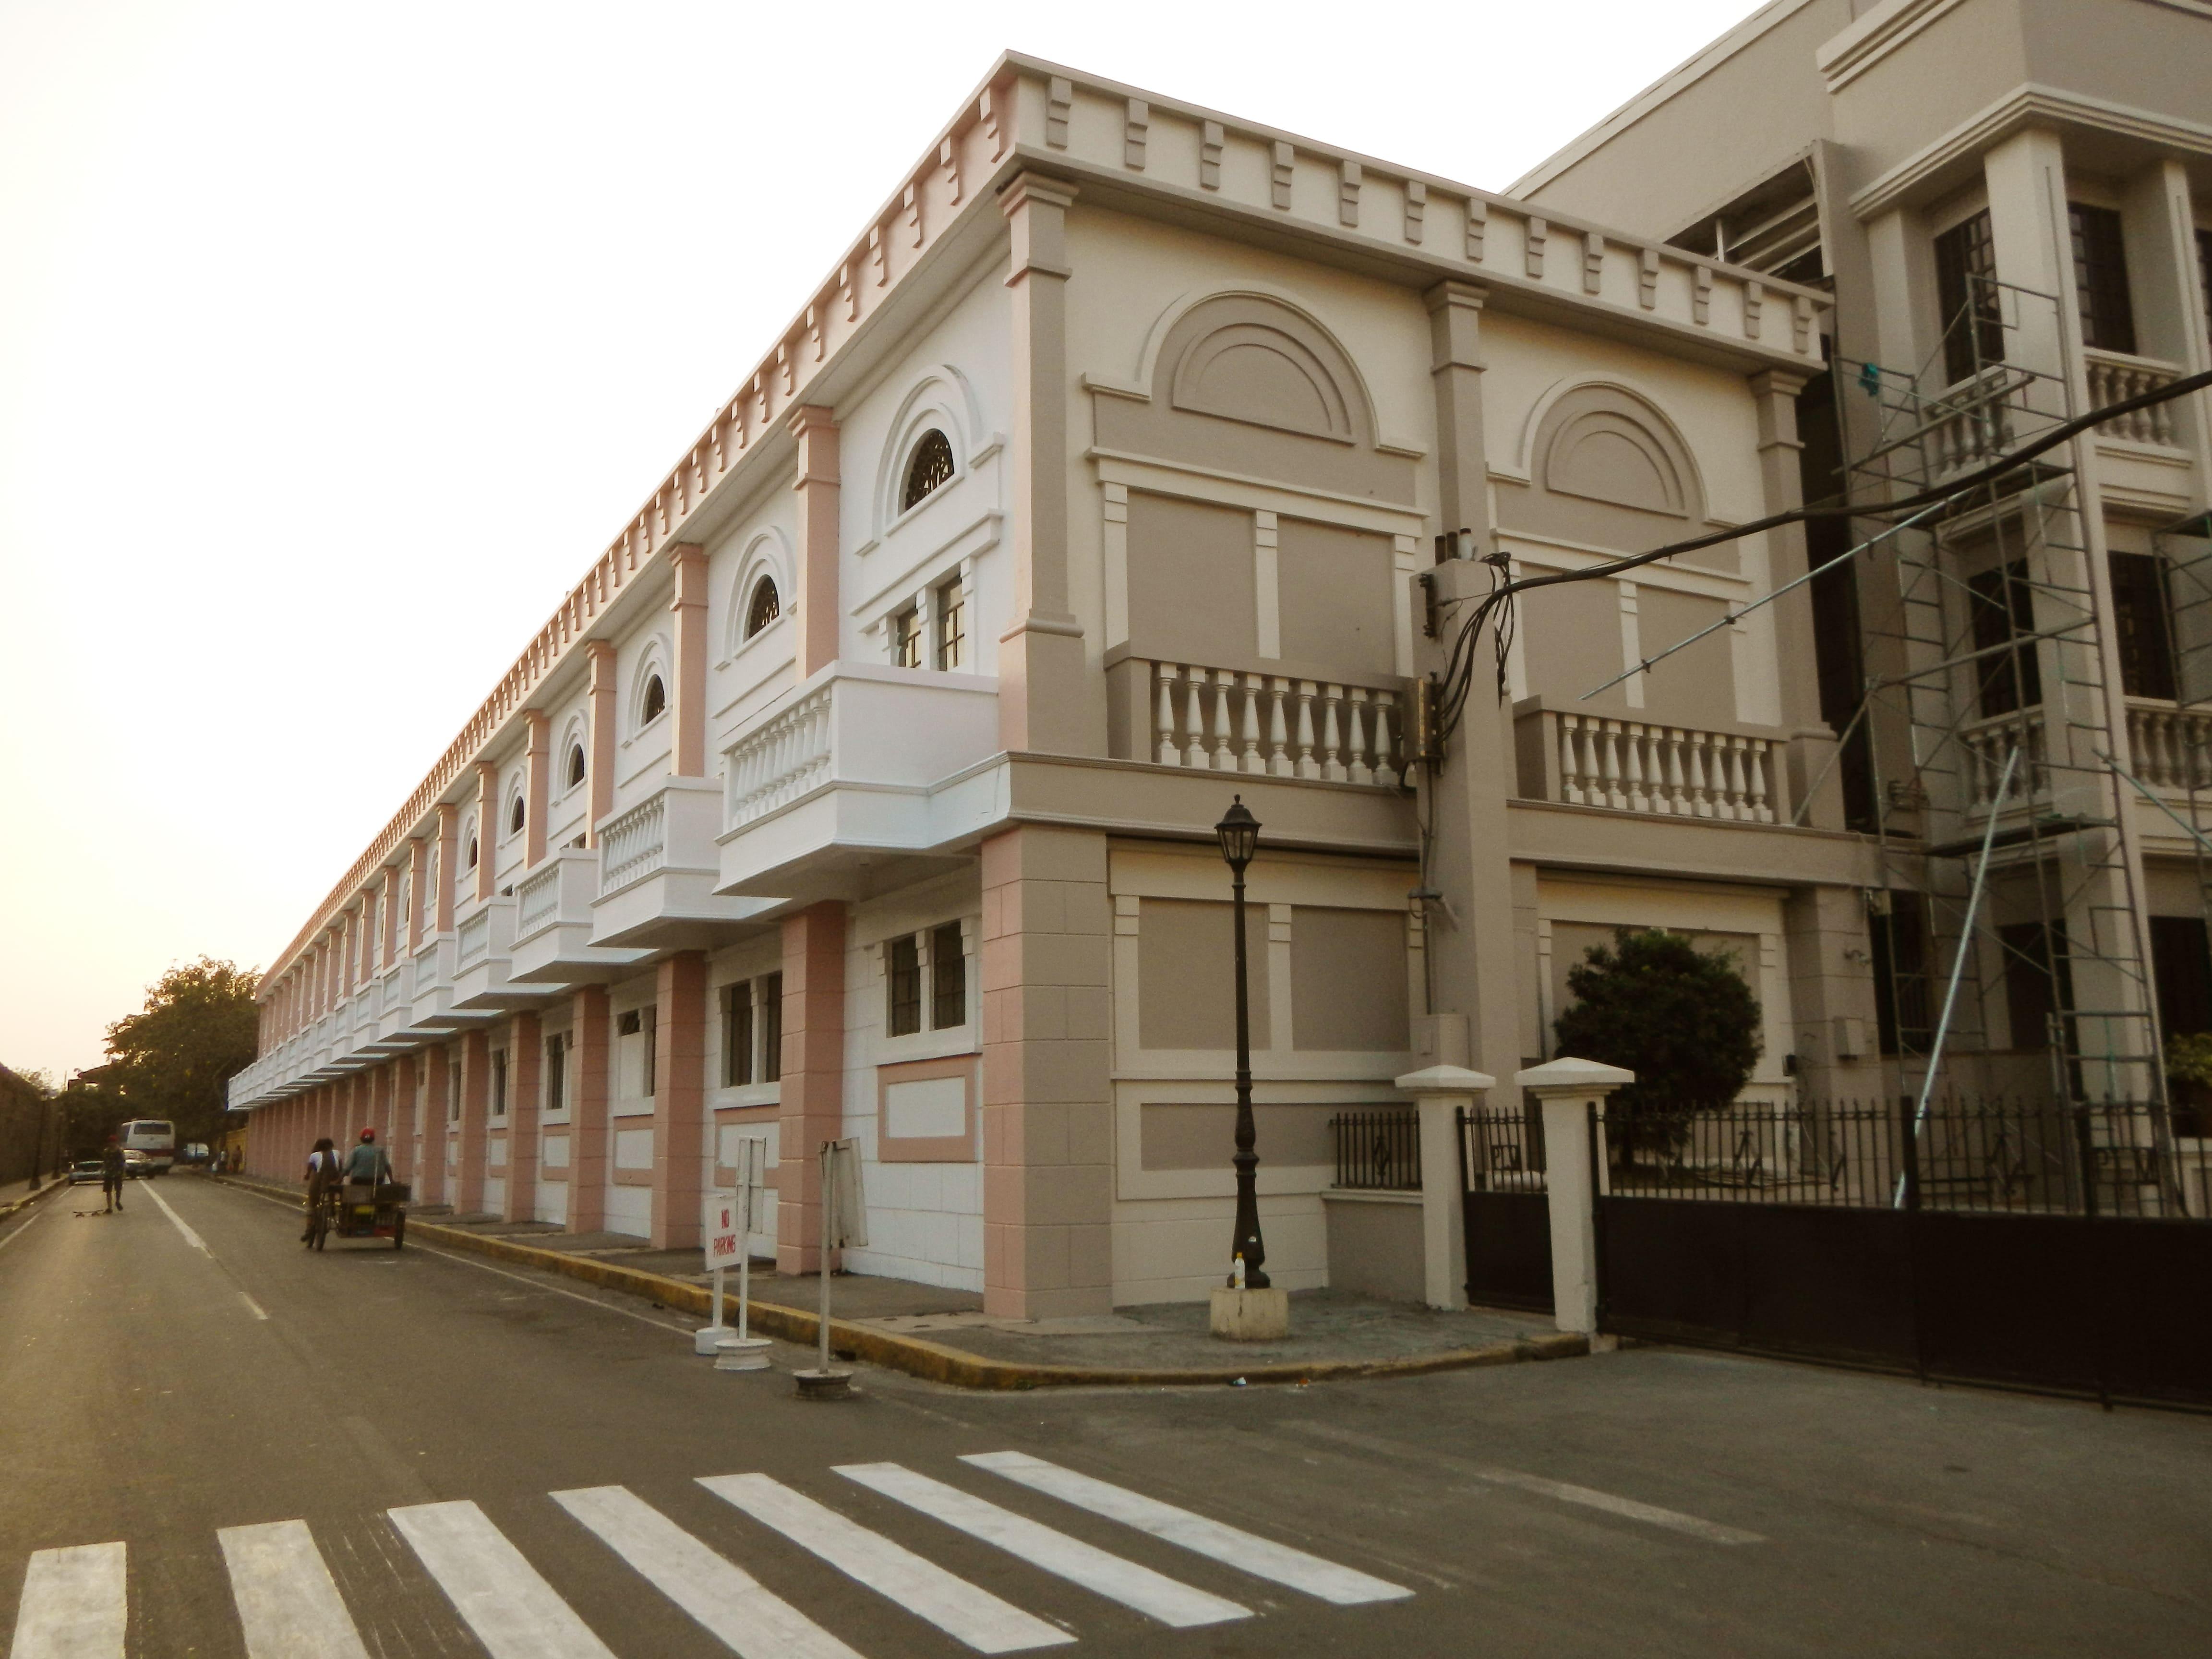 Pamantasan ng Lungsod ng Maynila building